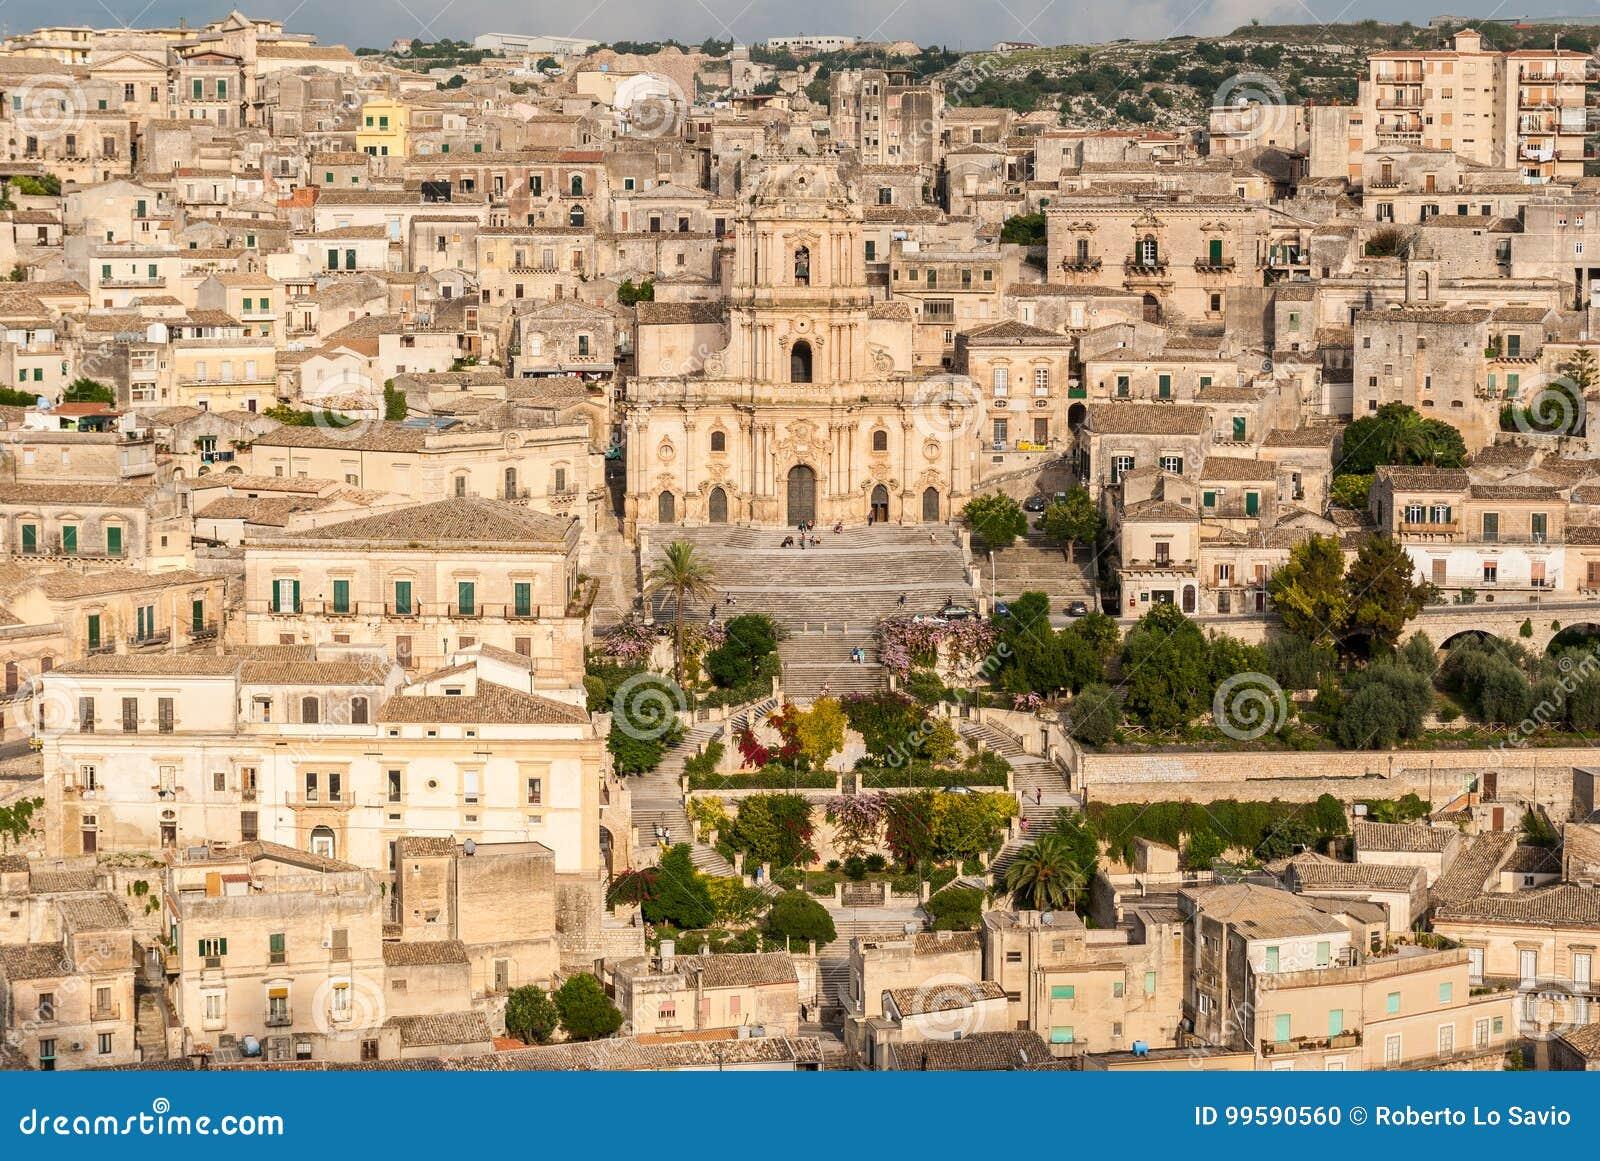 Vista panoramica delle briciole, con la cattedrale di San Giorgio